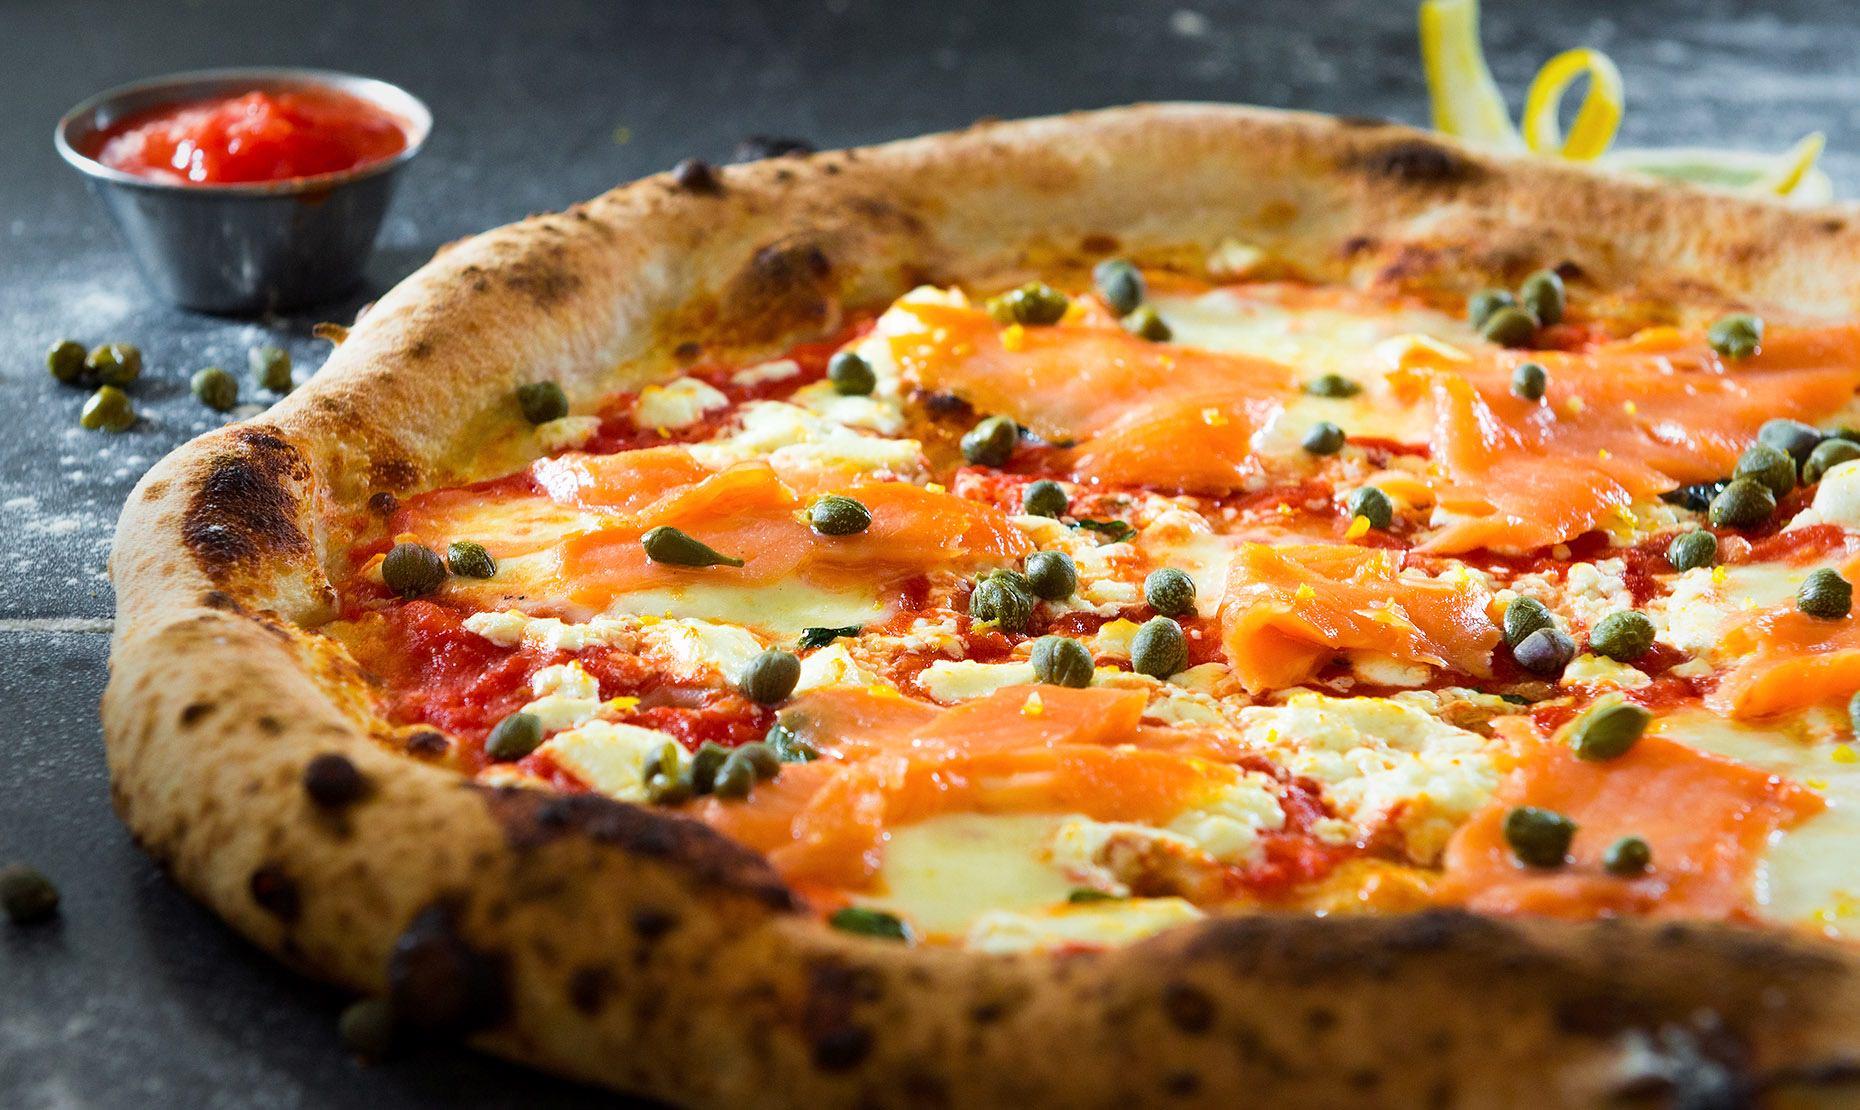 antonio_ovejero_fotografia_gastronomia_pizza_10 Fotografía Gastronómica